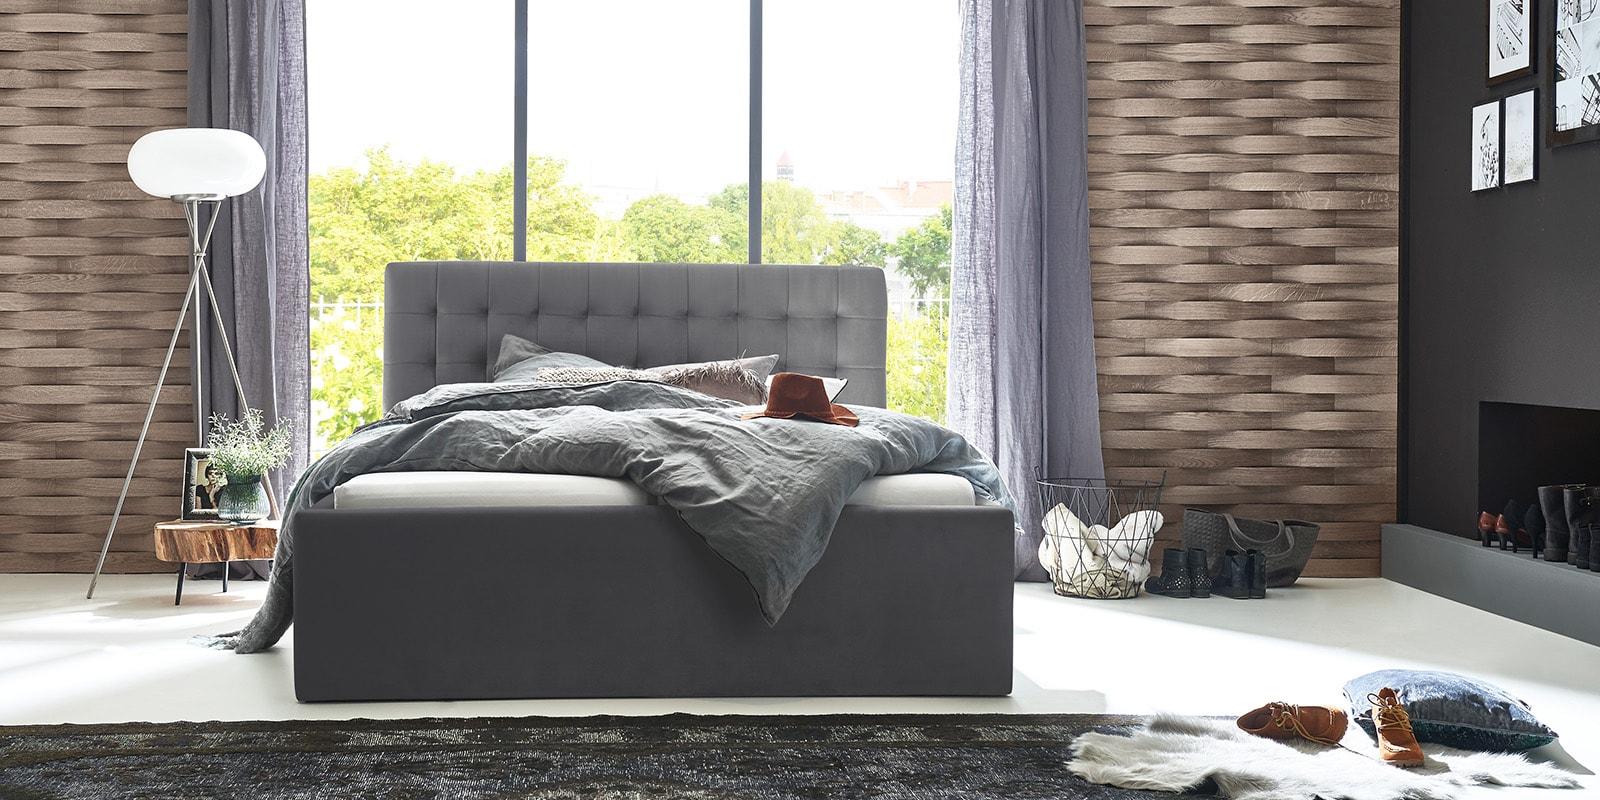 Moebella24 - Bett - mit - Bettkasten - Molly - Samt - Grau - Stauraum - Bettkasten - und - Lattenrost - vormontiert - verstärkte - Dämpfer - Frontal